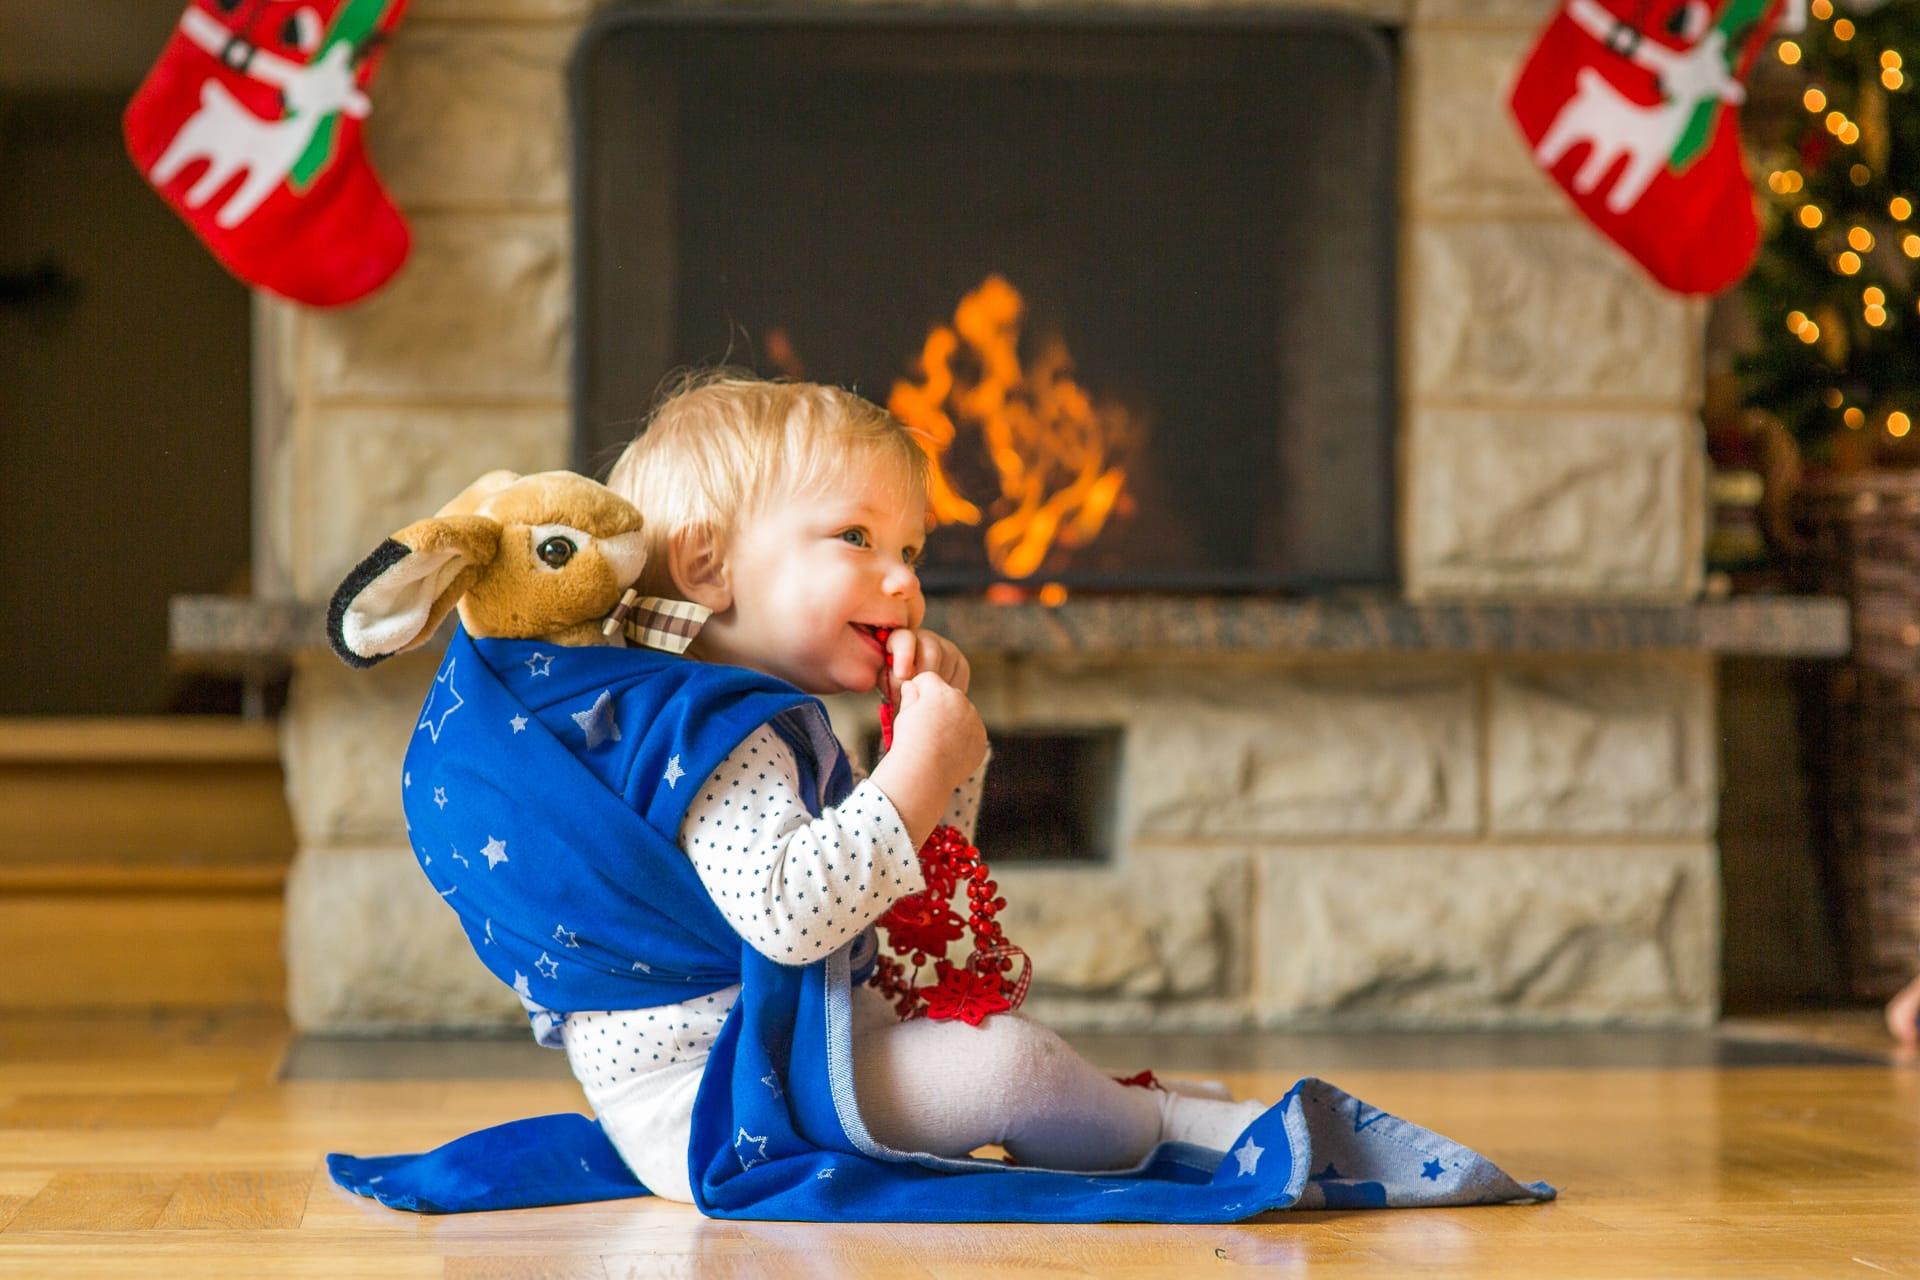 zdjęcia produktowe, chusty dla dziecie